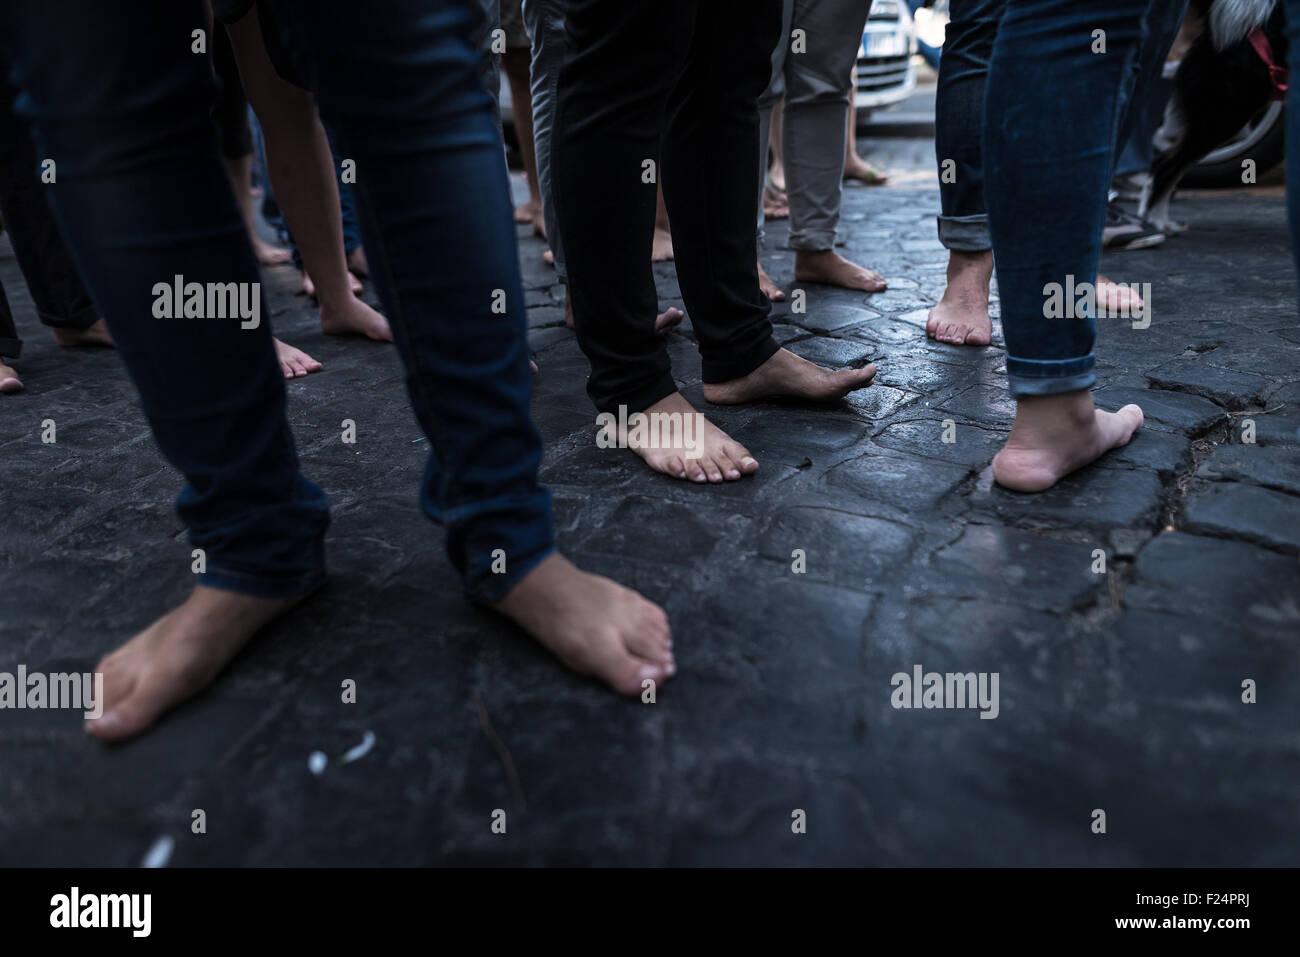 Naples Italie Sep 11 2015 Mars De Barefoot Les Femmes Et Les Hommes Est Un Evenement Lance Par De Nombreuses Personnalites Publiques Italiennes En Faveur Des Migrants L Evenement A Eu Lieu Dans